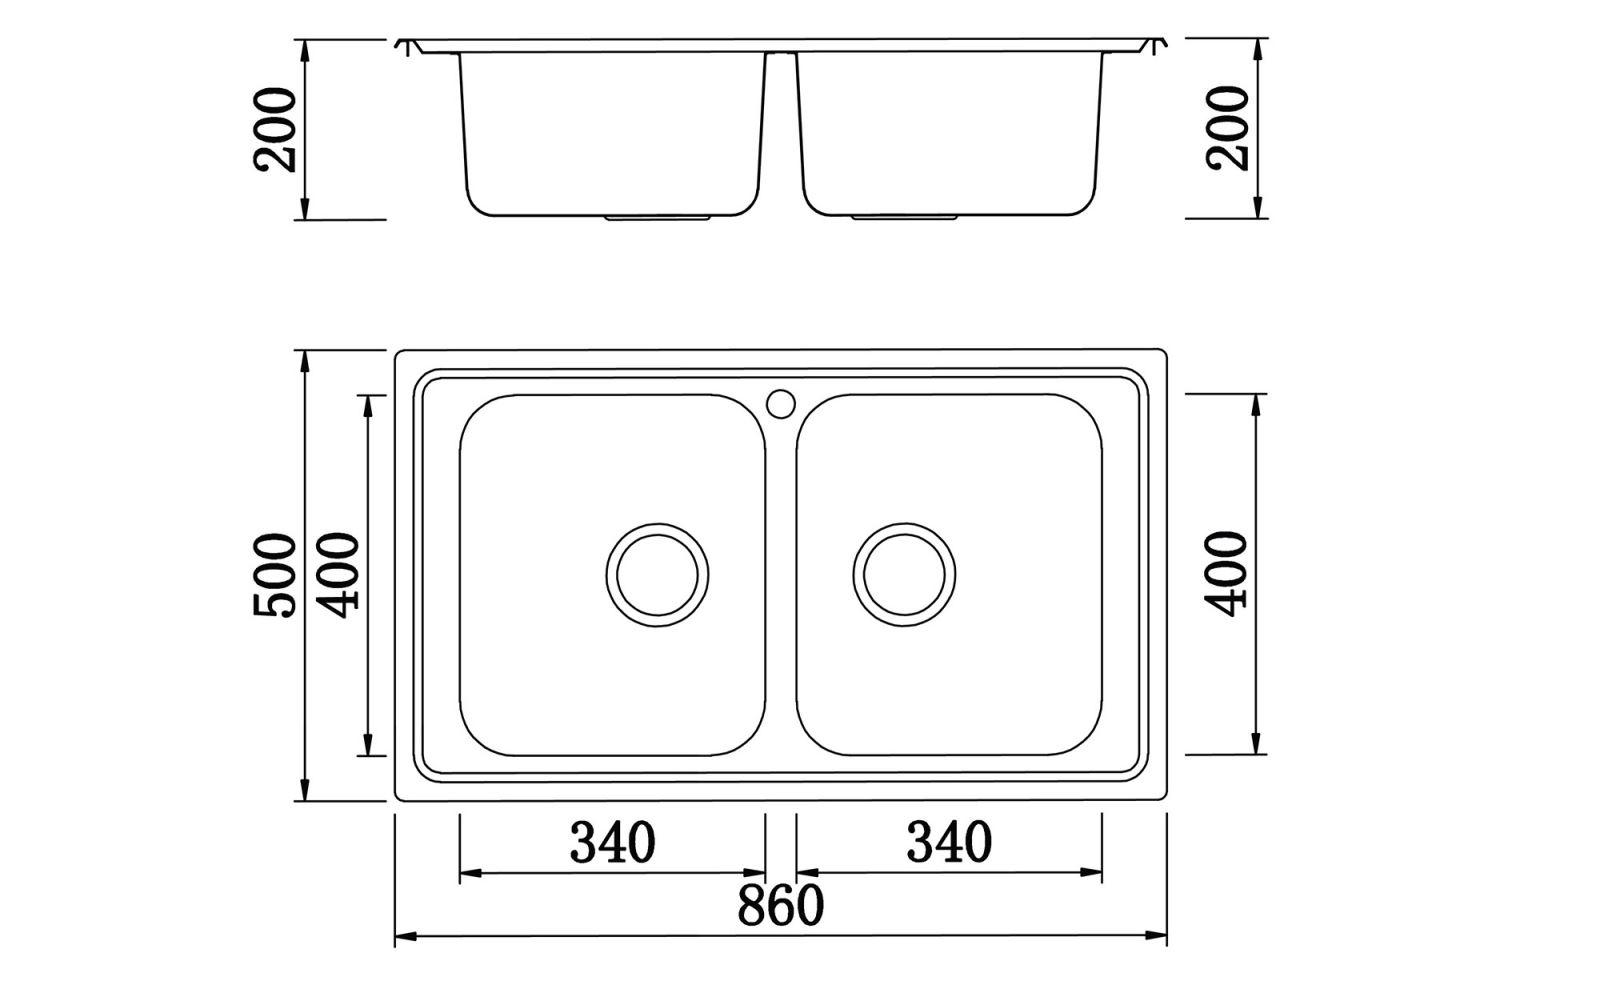 kích thước chậu rửa bát konox Premium-KS8650 2B